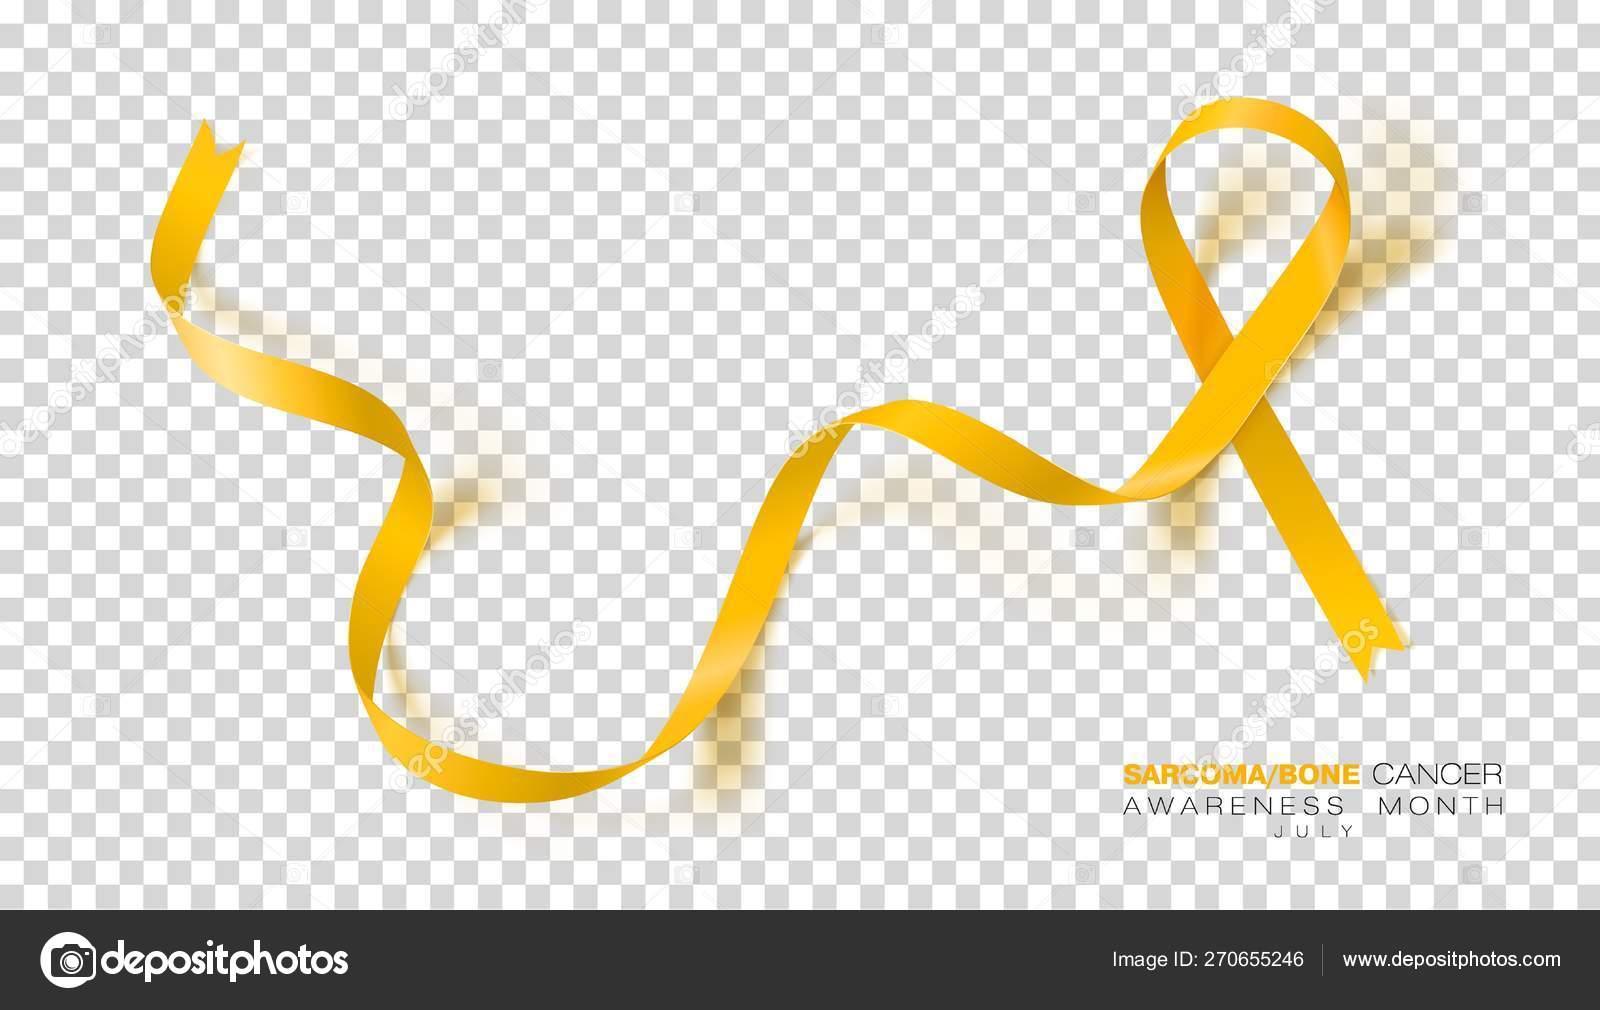 szarkóma rák tudatosság hónap